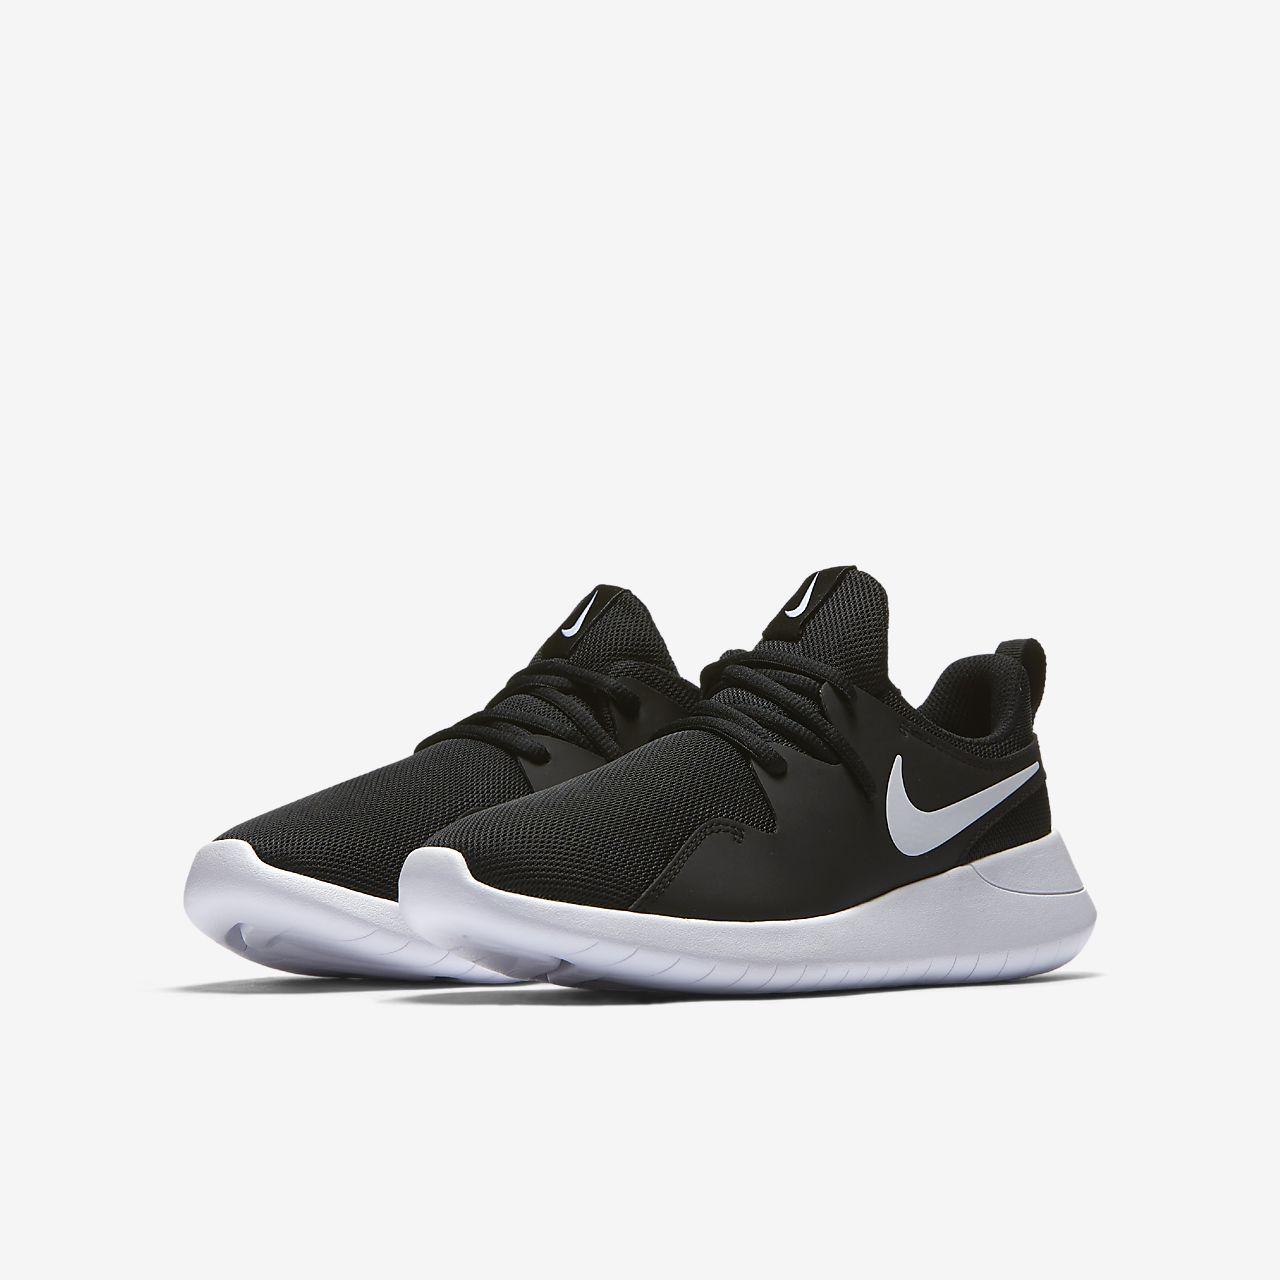 Tessen Pour Plus Enfant Chaussure Nike Âgé 4jAR5L